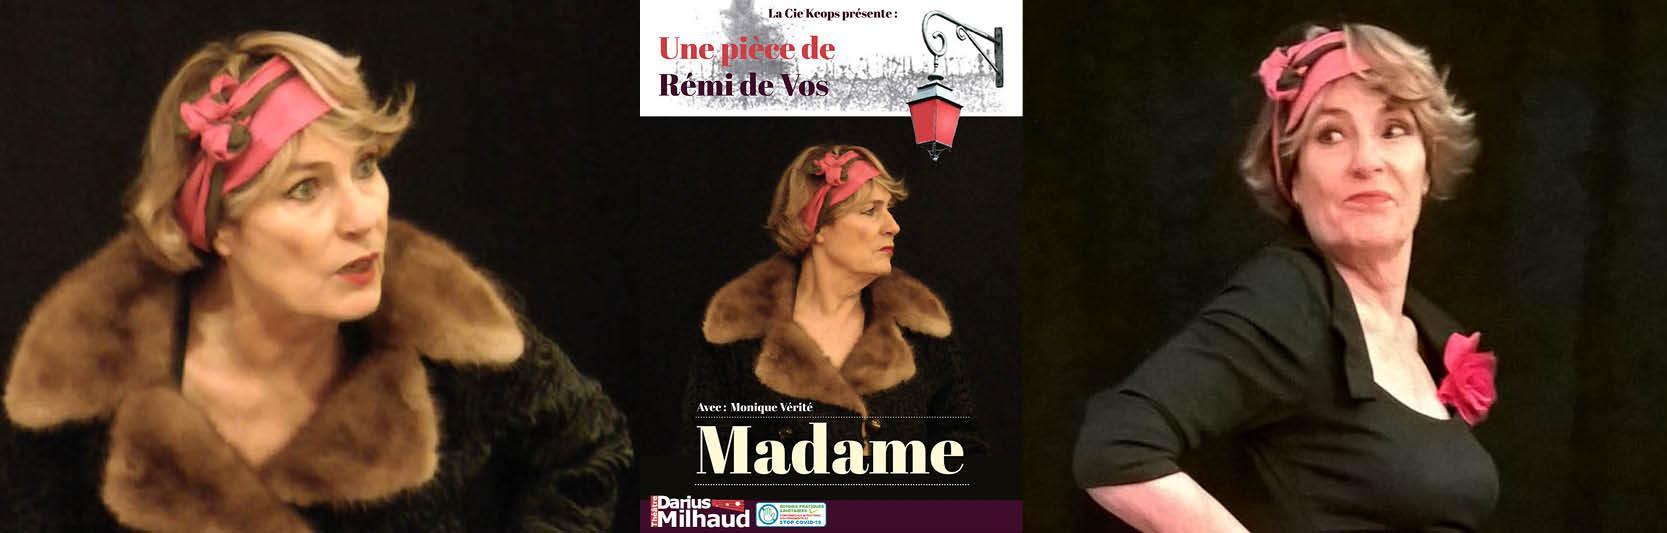 Visuel go madame